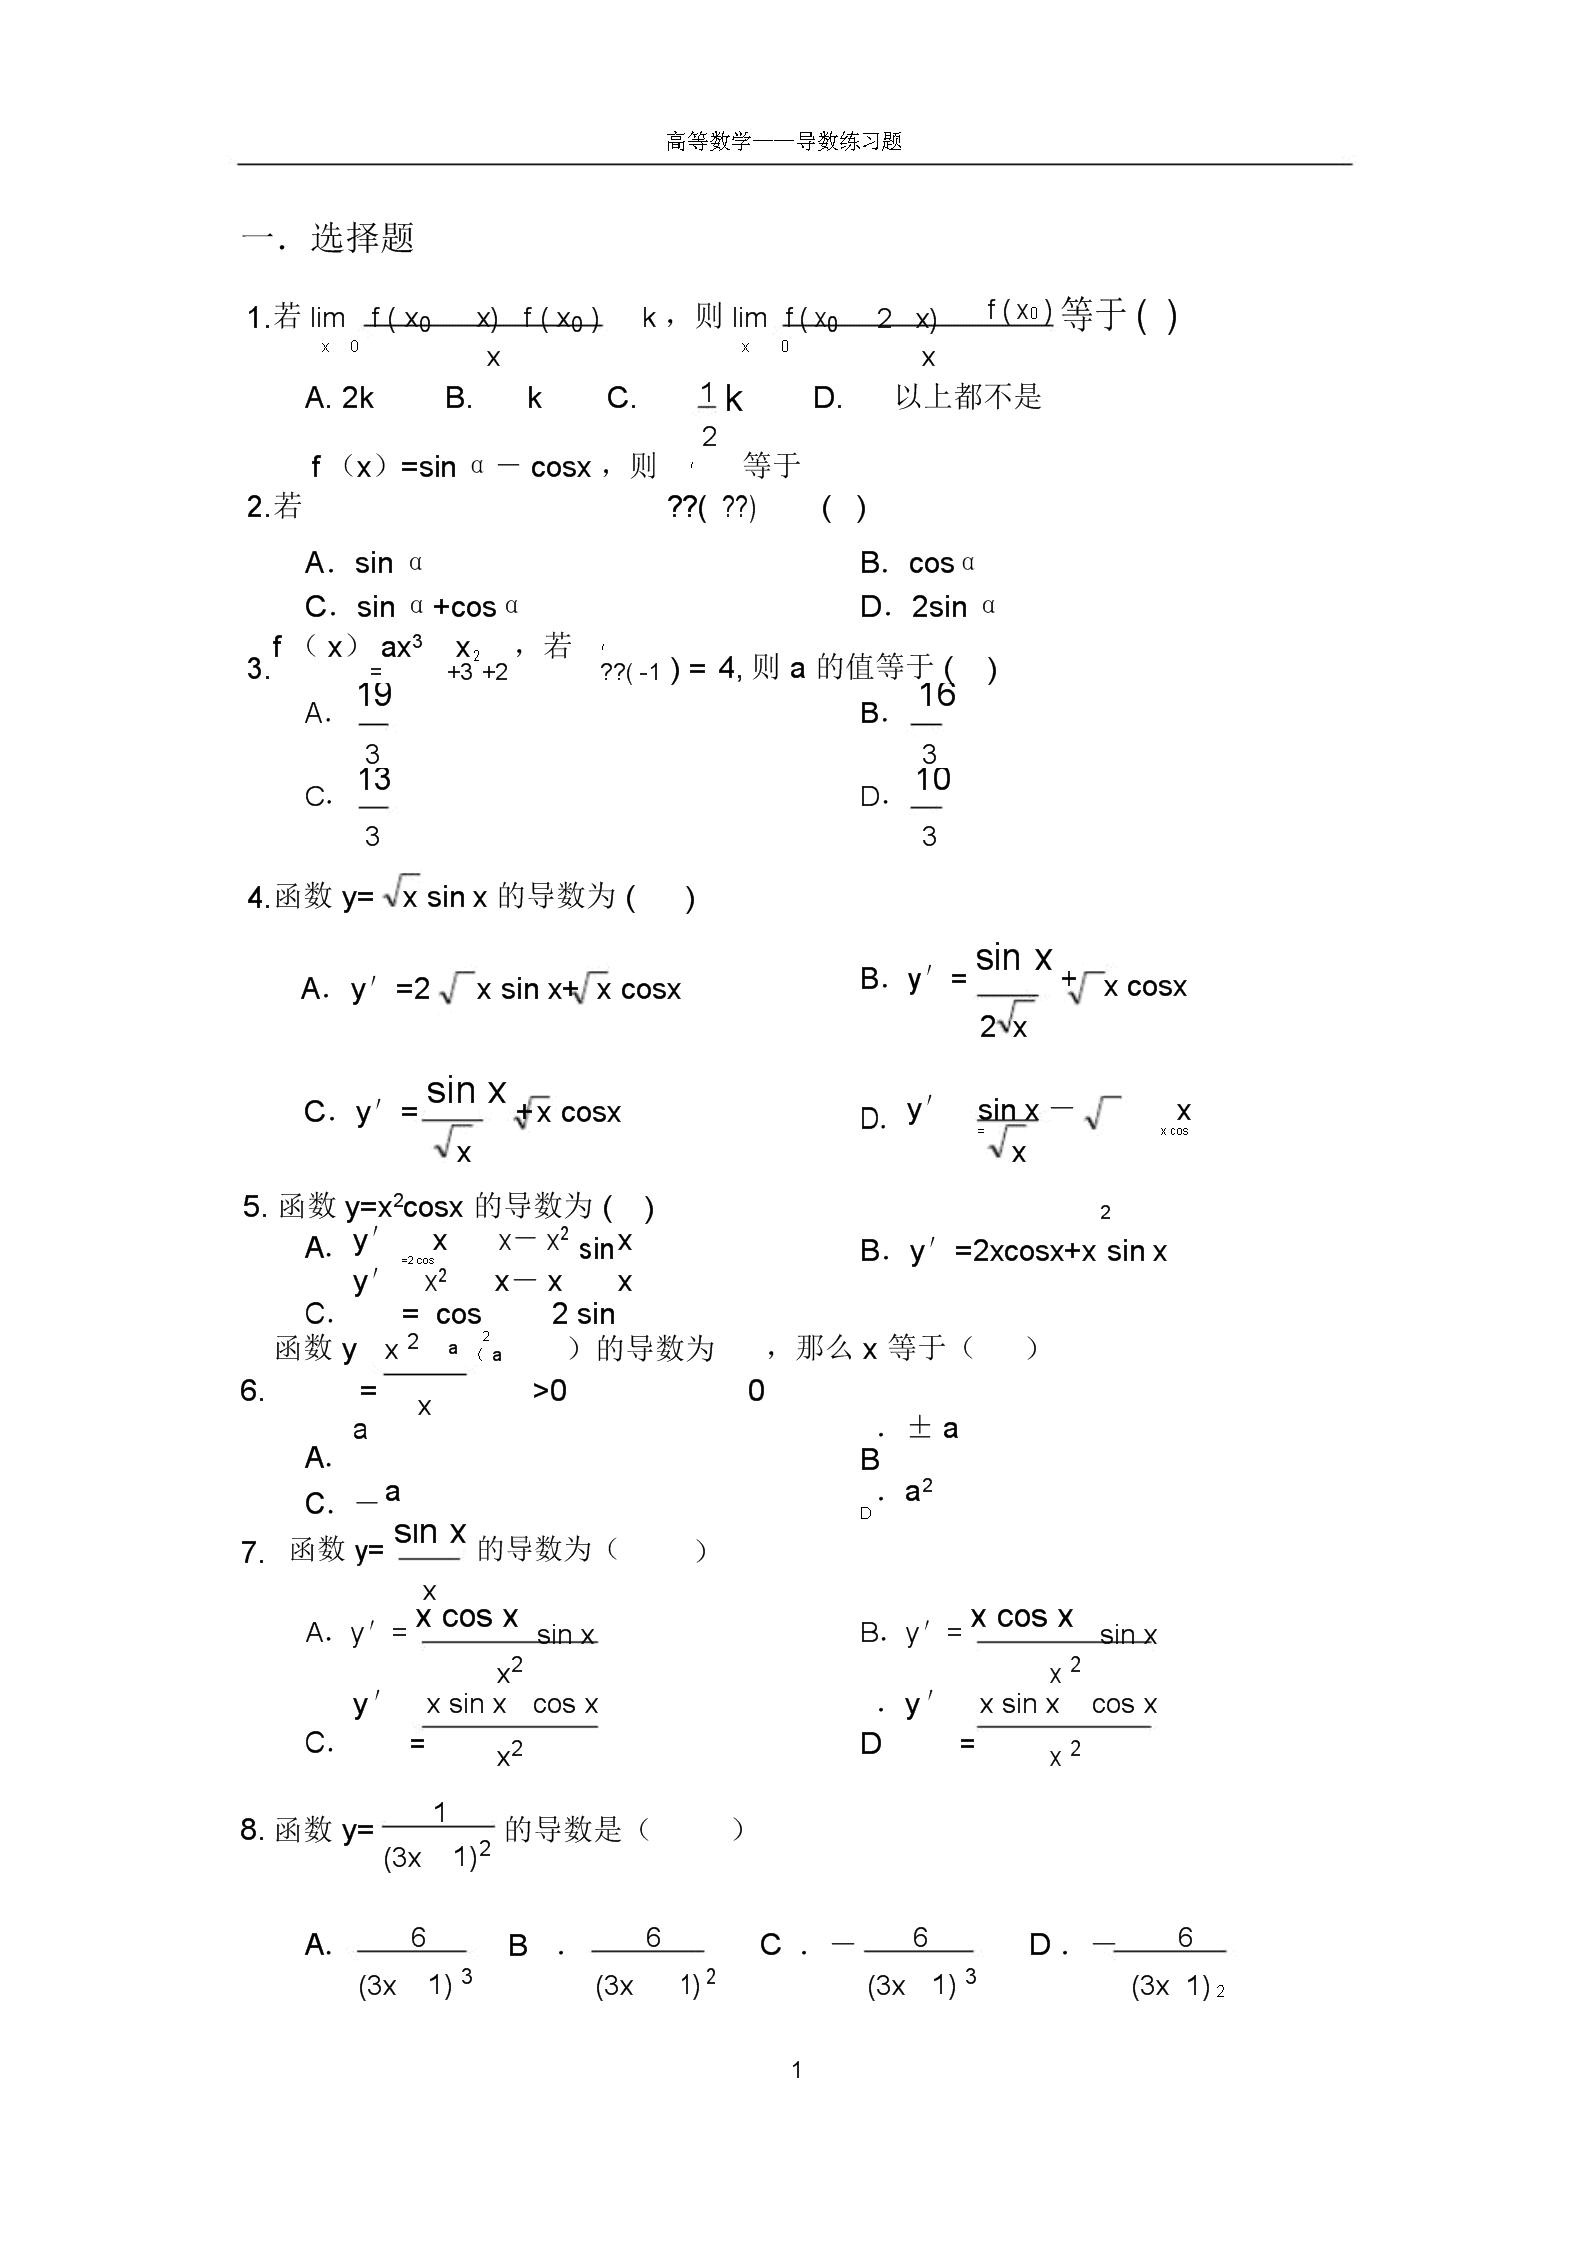 (完整版)高等数学——导数练习题.doc